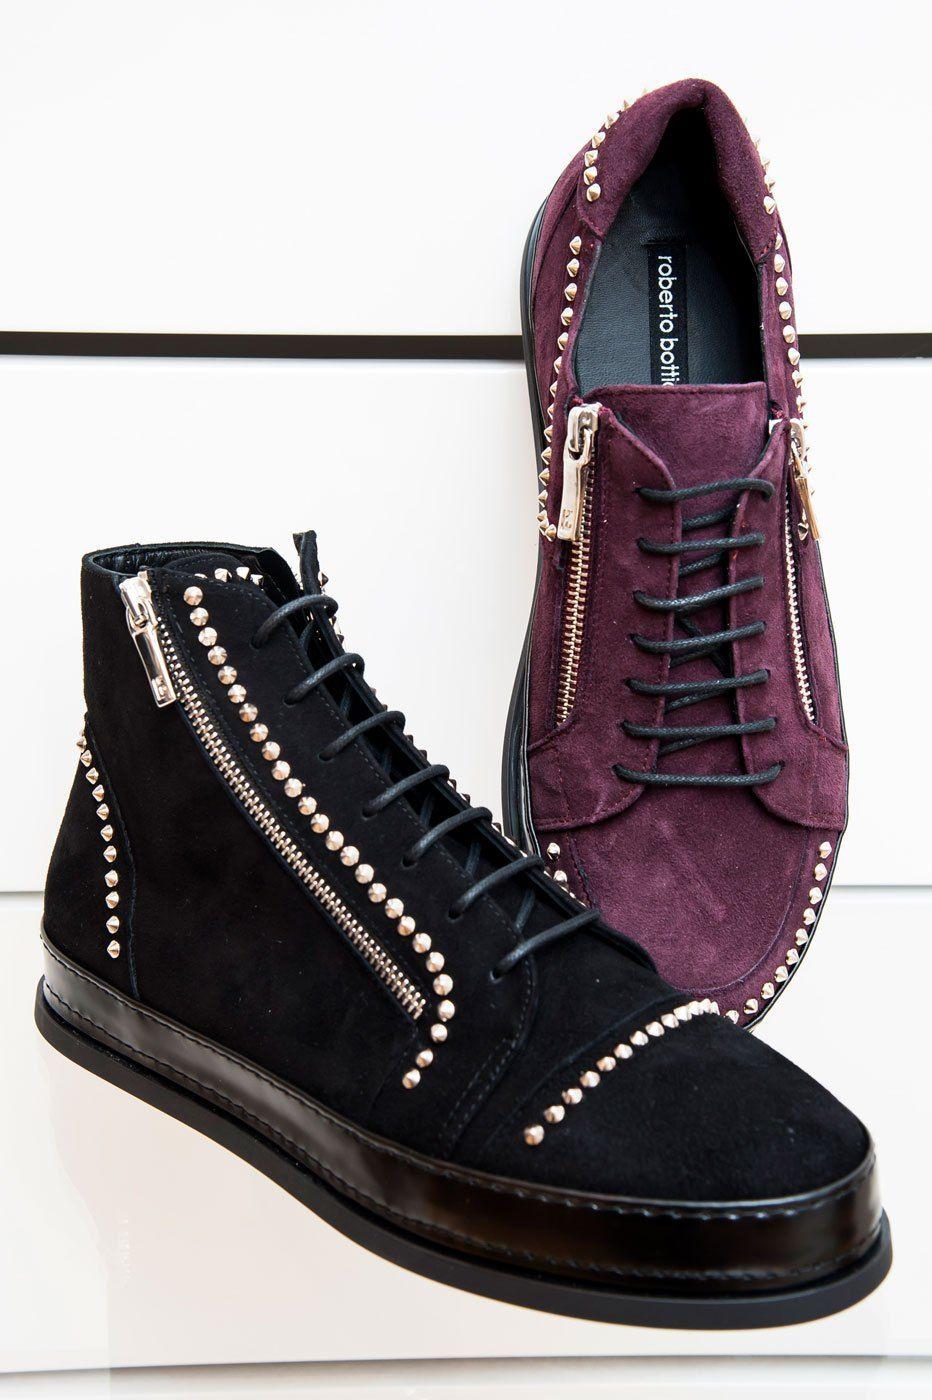 0a0741166 Roberto Botticelli Men's A/W '16 Only Shoes, Men's Footwear, Milan Fashion